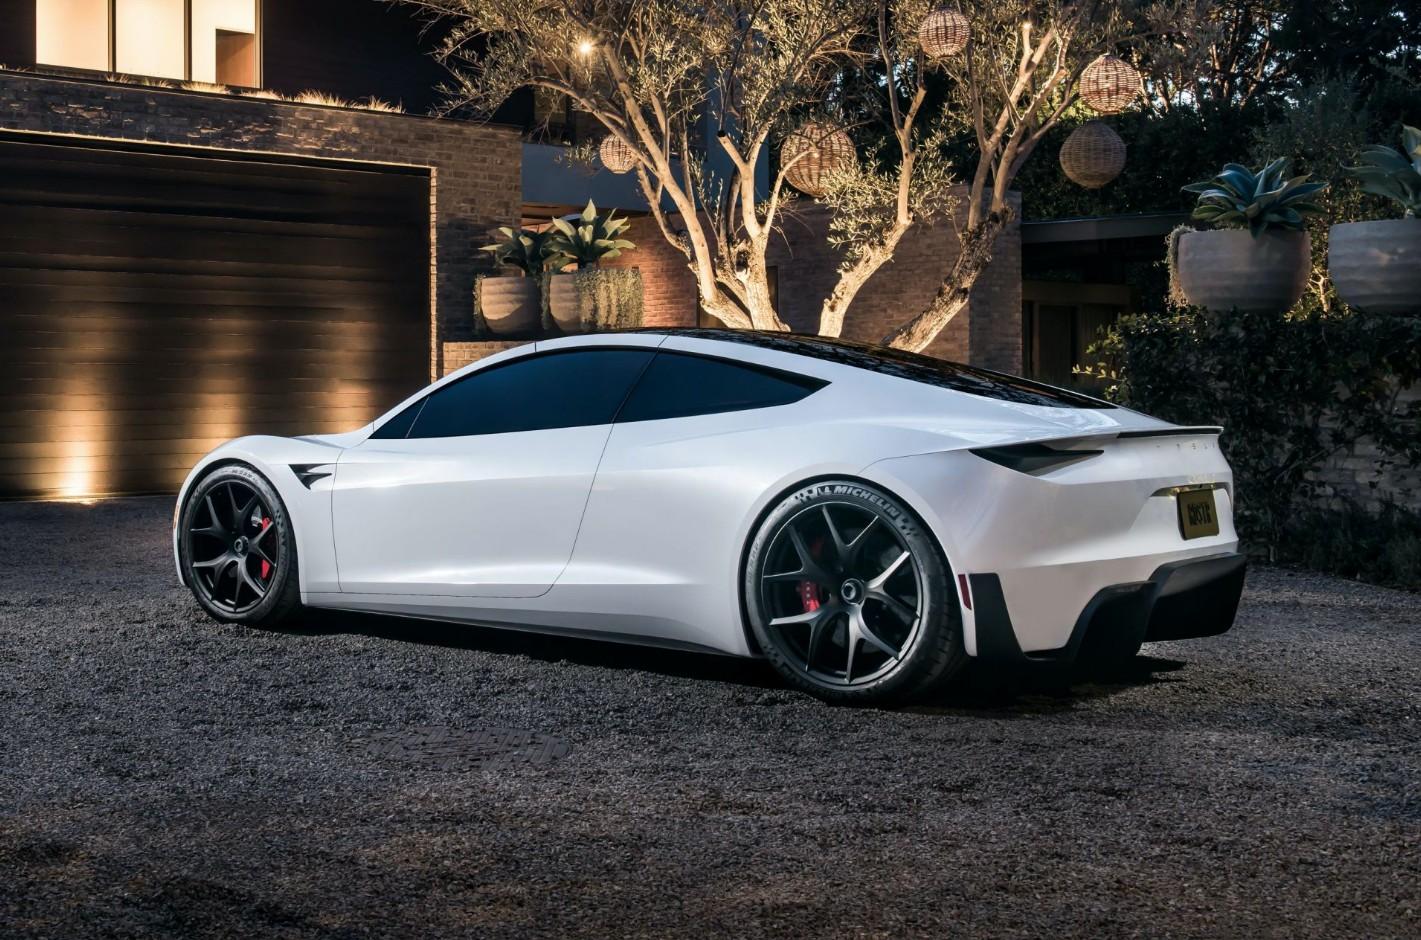 Apparemment, le Nürburgring servira également de scène pour le développement de la Tesla Roadster